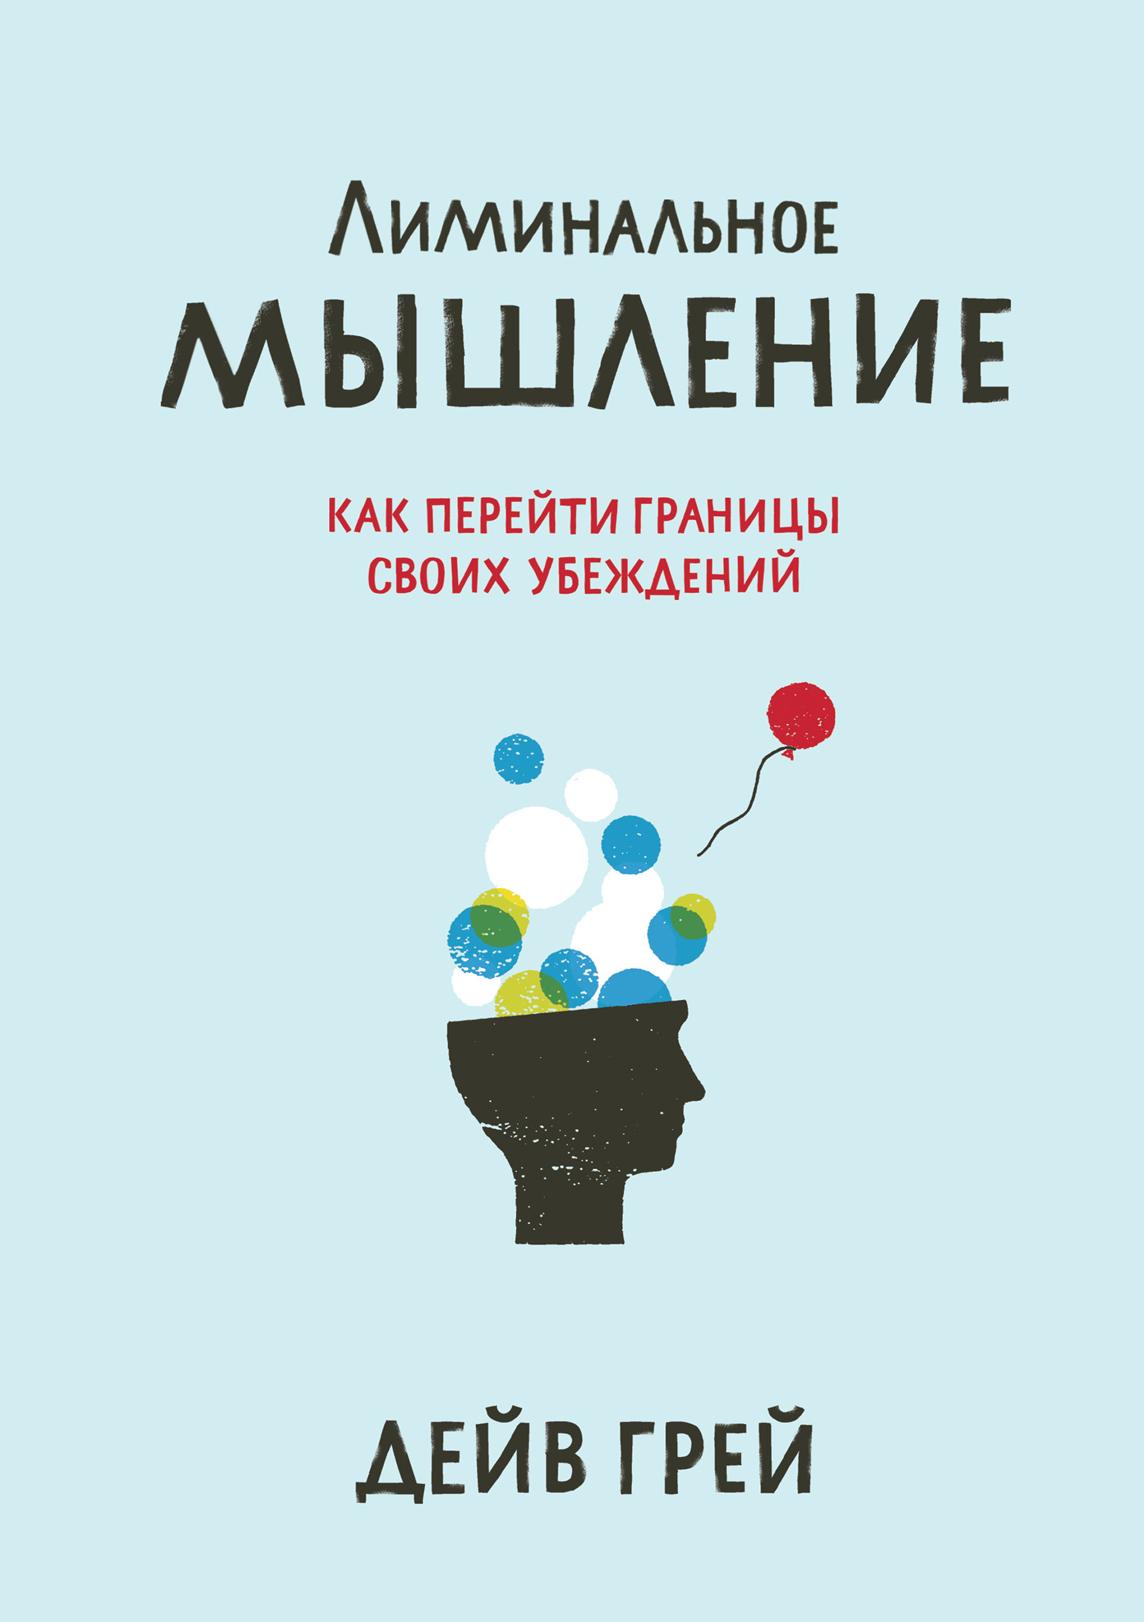 Книга Лиминальное мышление